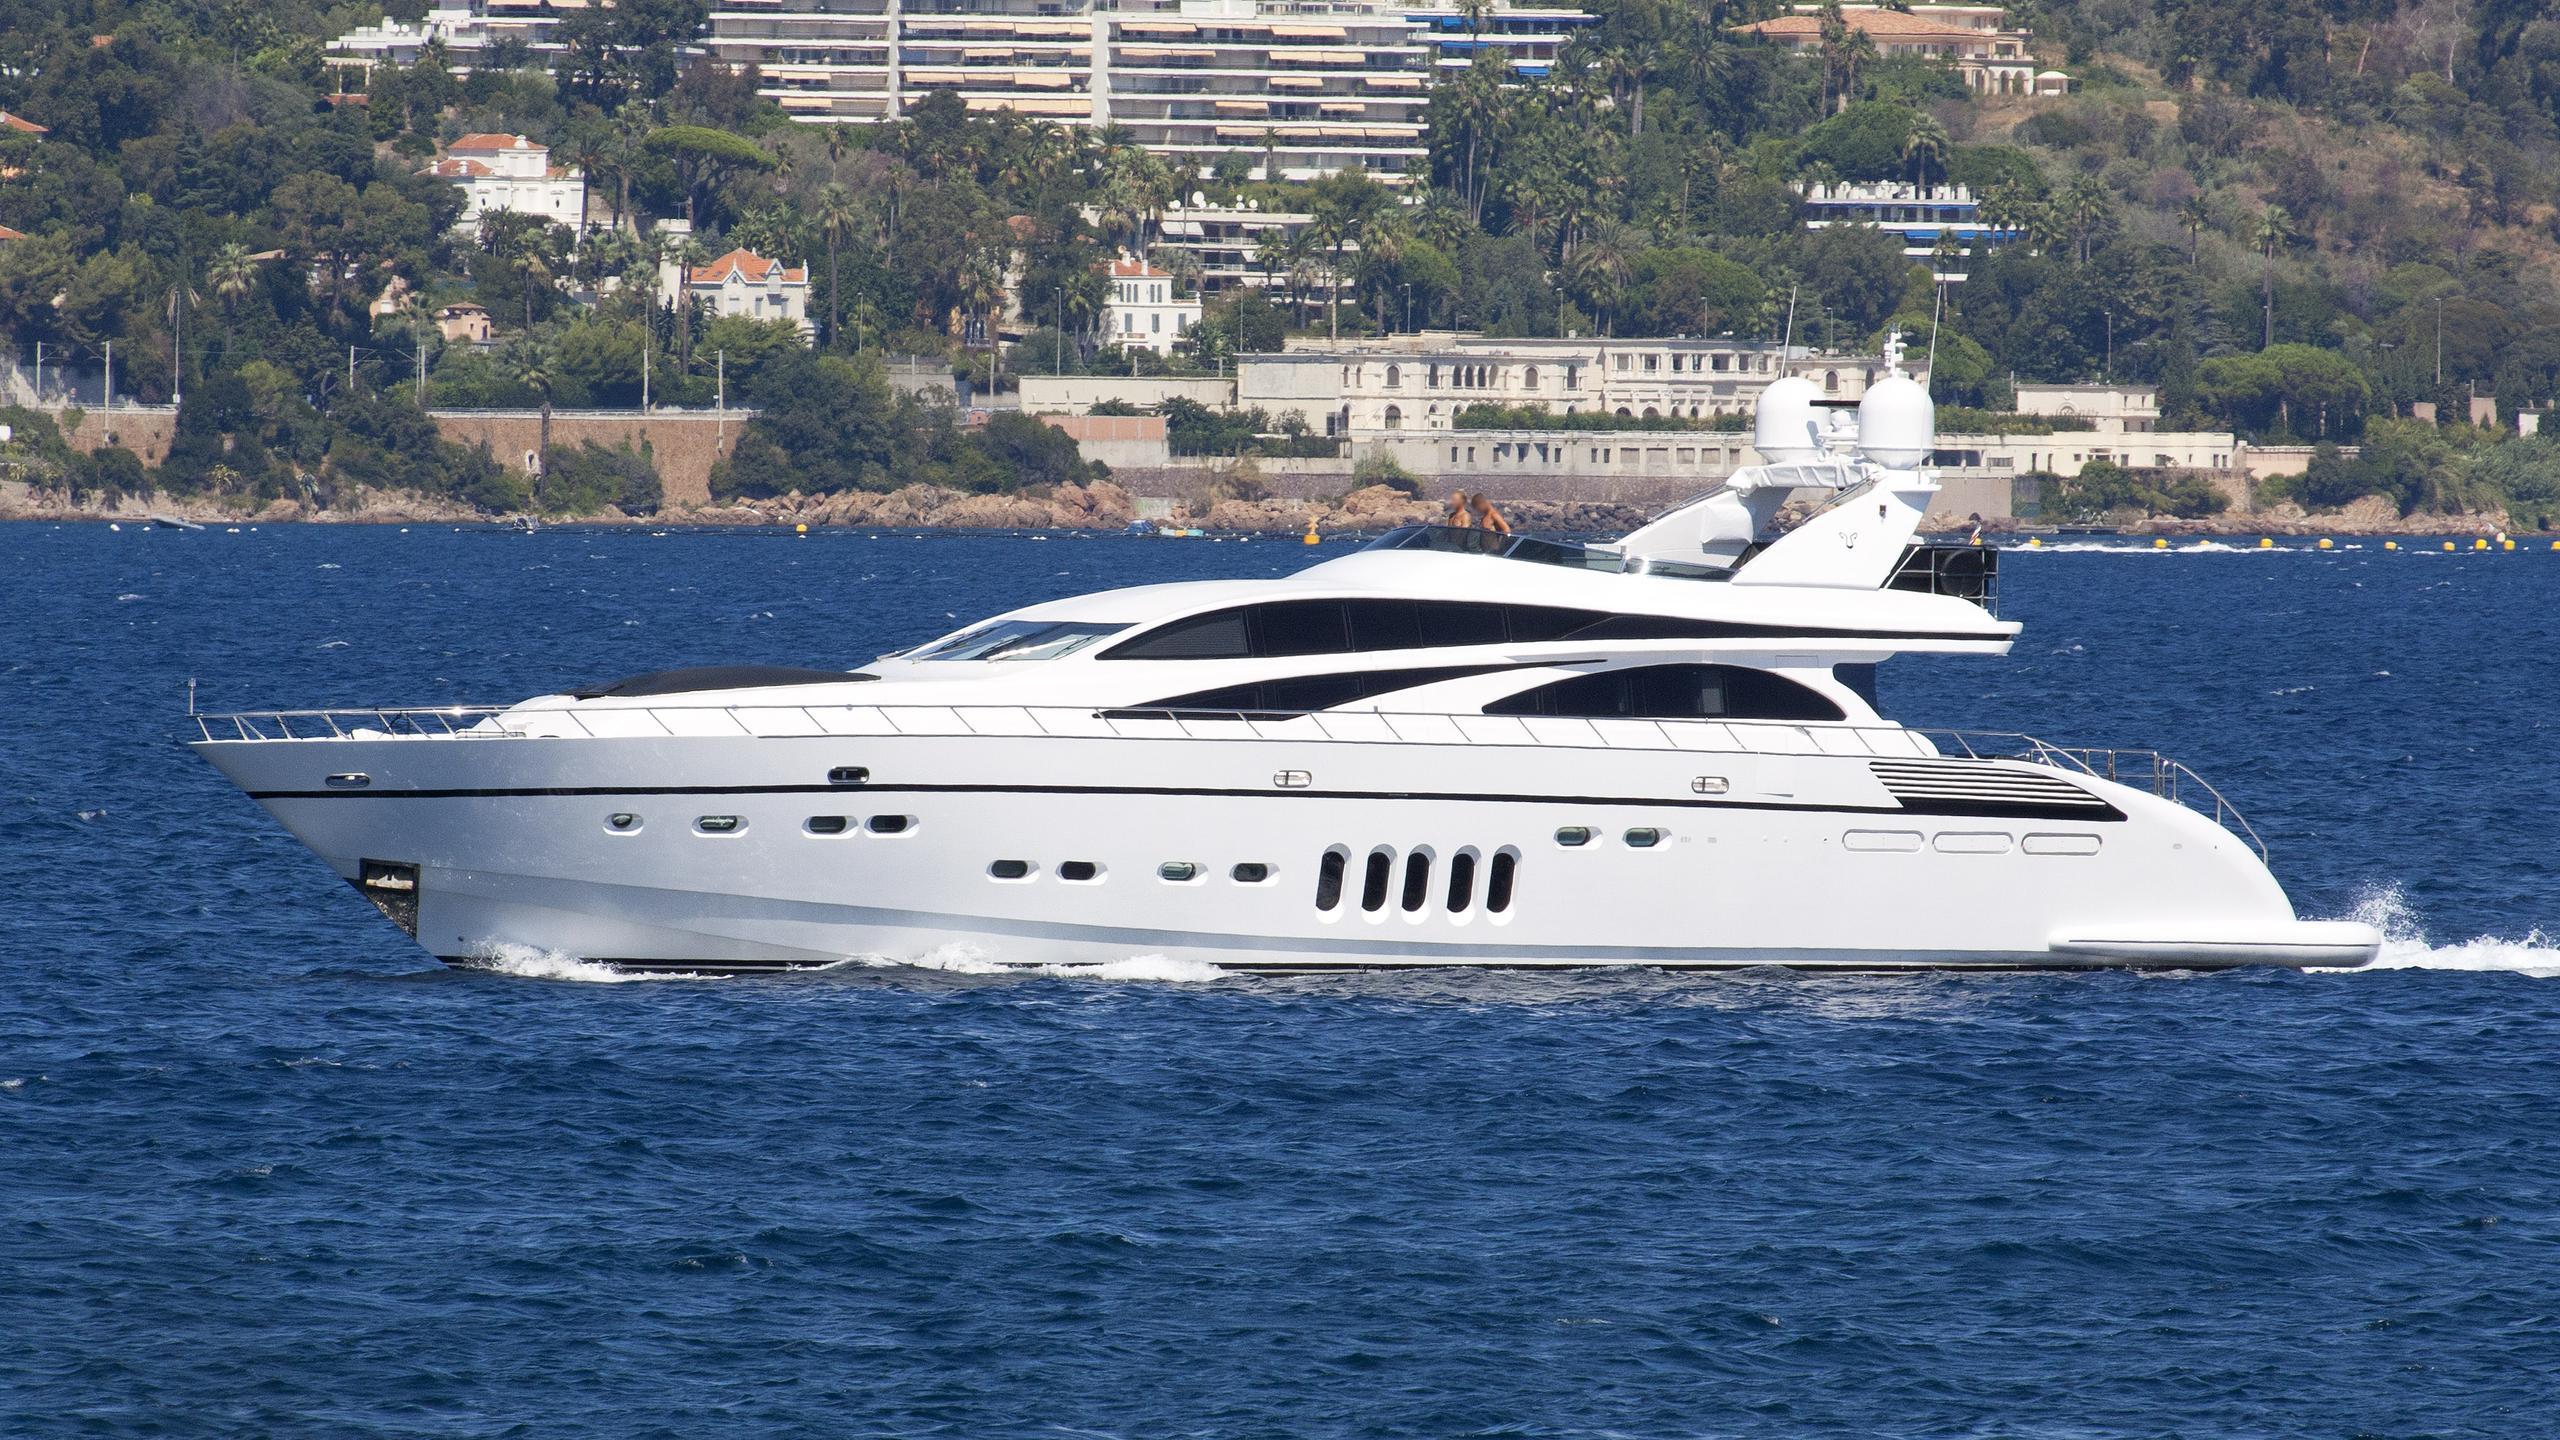 hideaway-motor-yacht-arno-leopard-32-sport-2007-32m-cruising